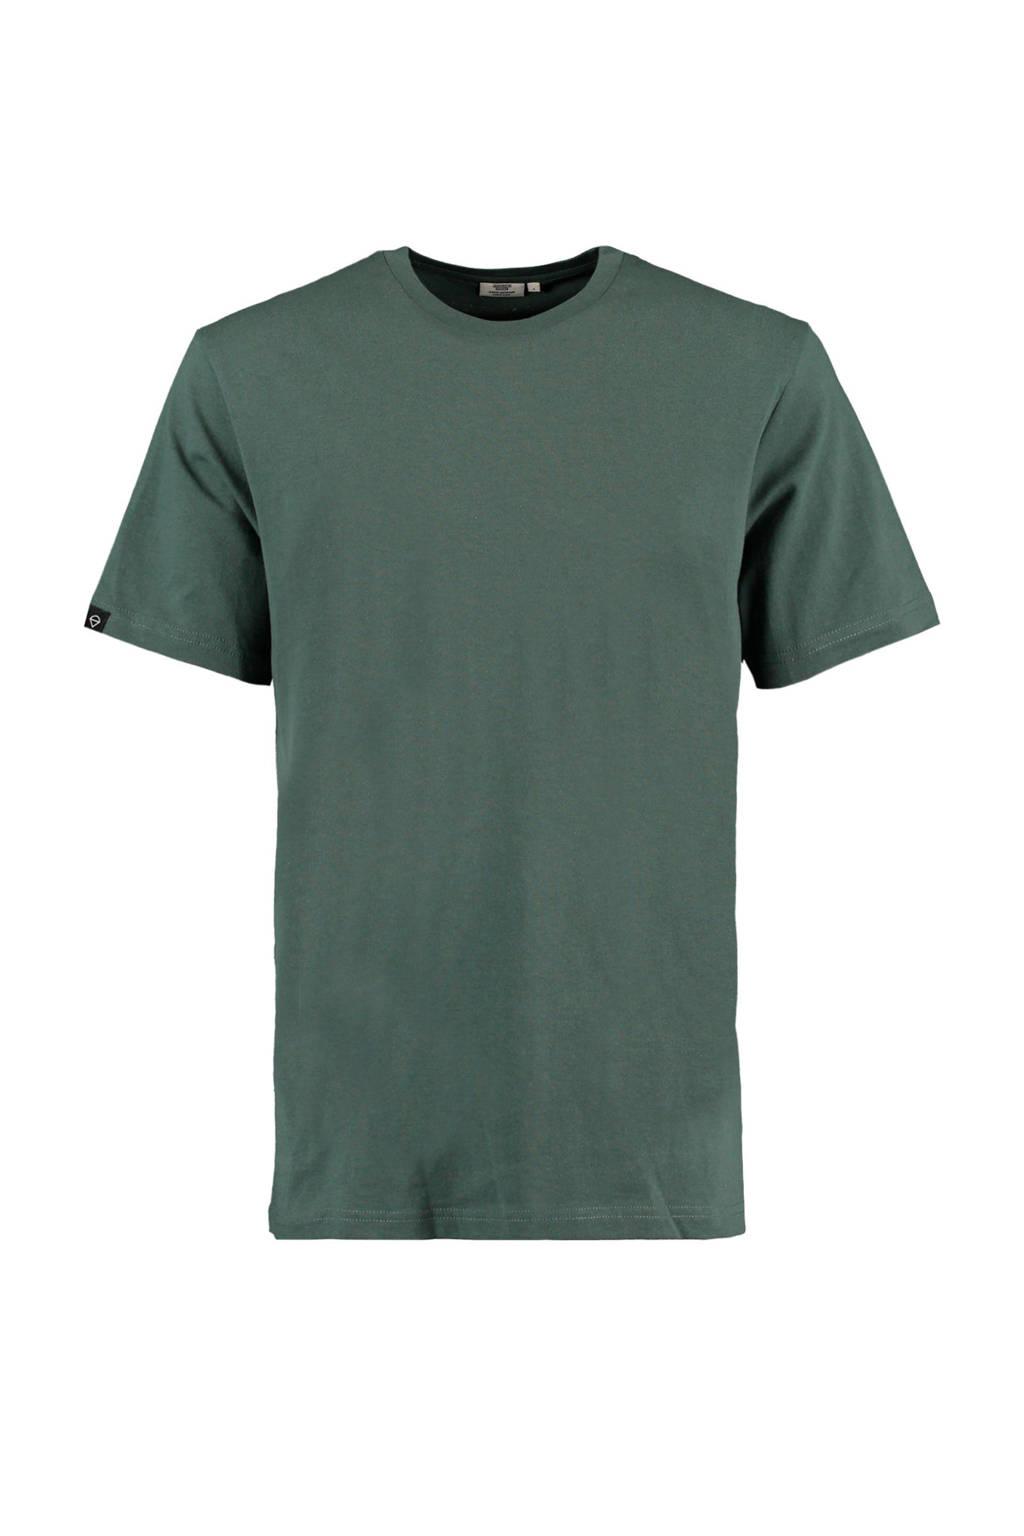 America Today T-shirt donkergroen, Donkergroen